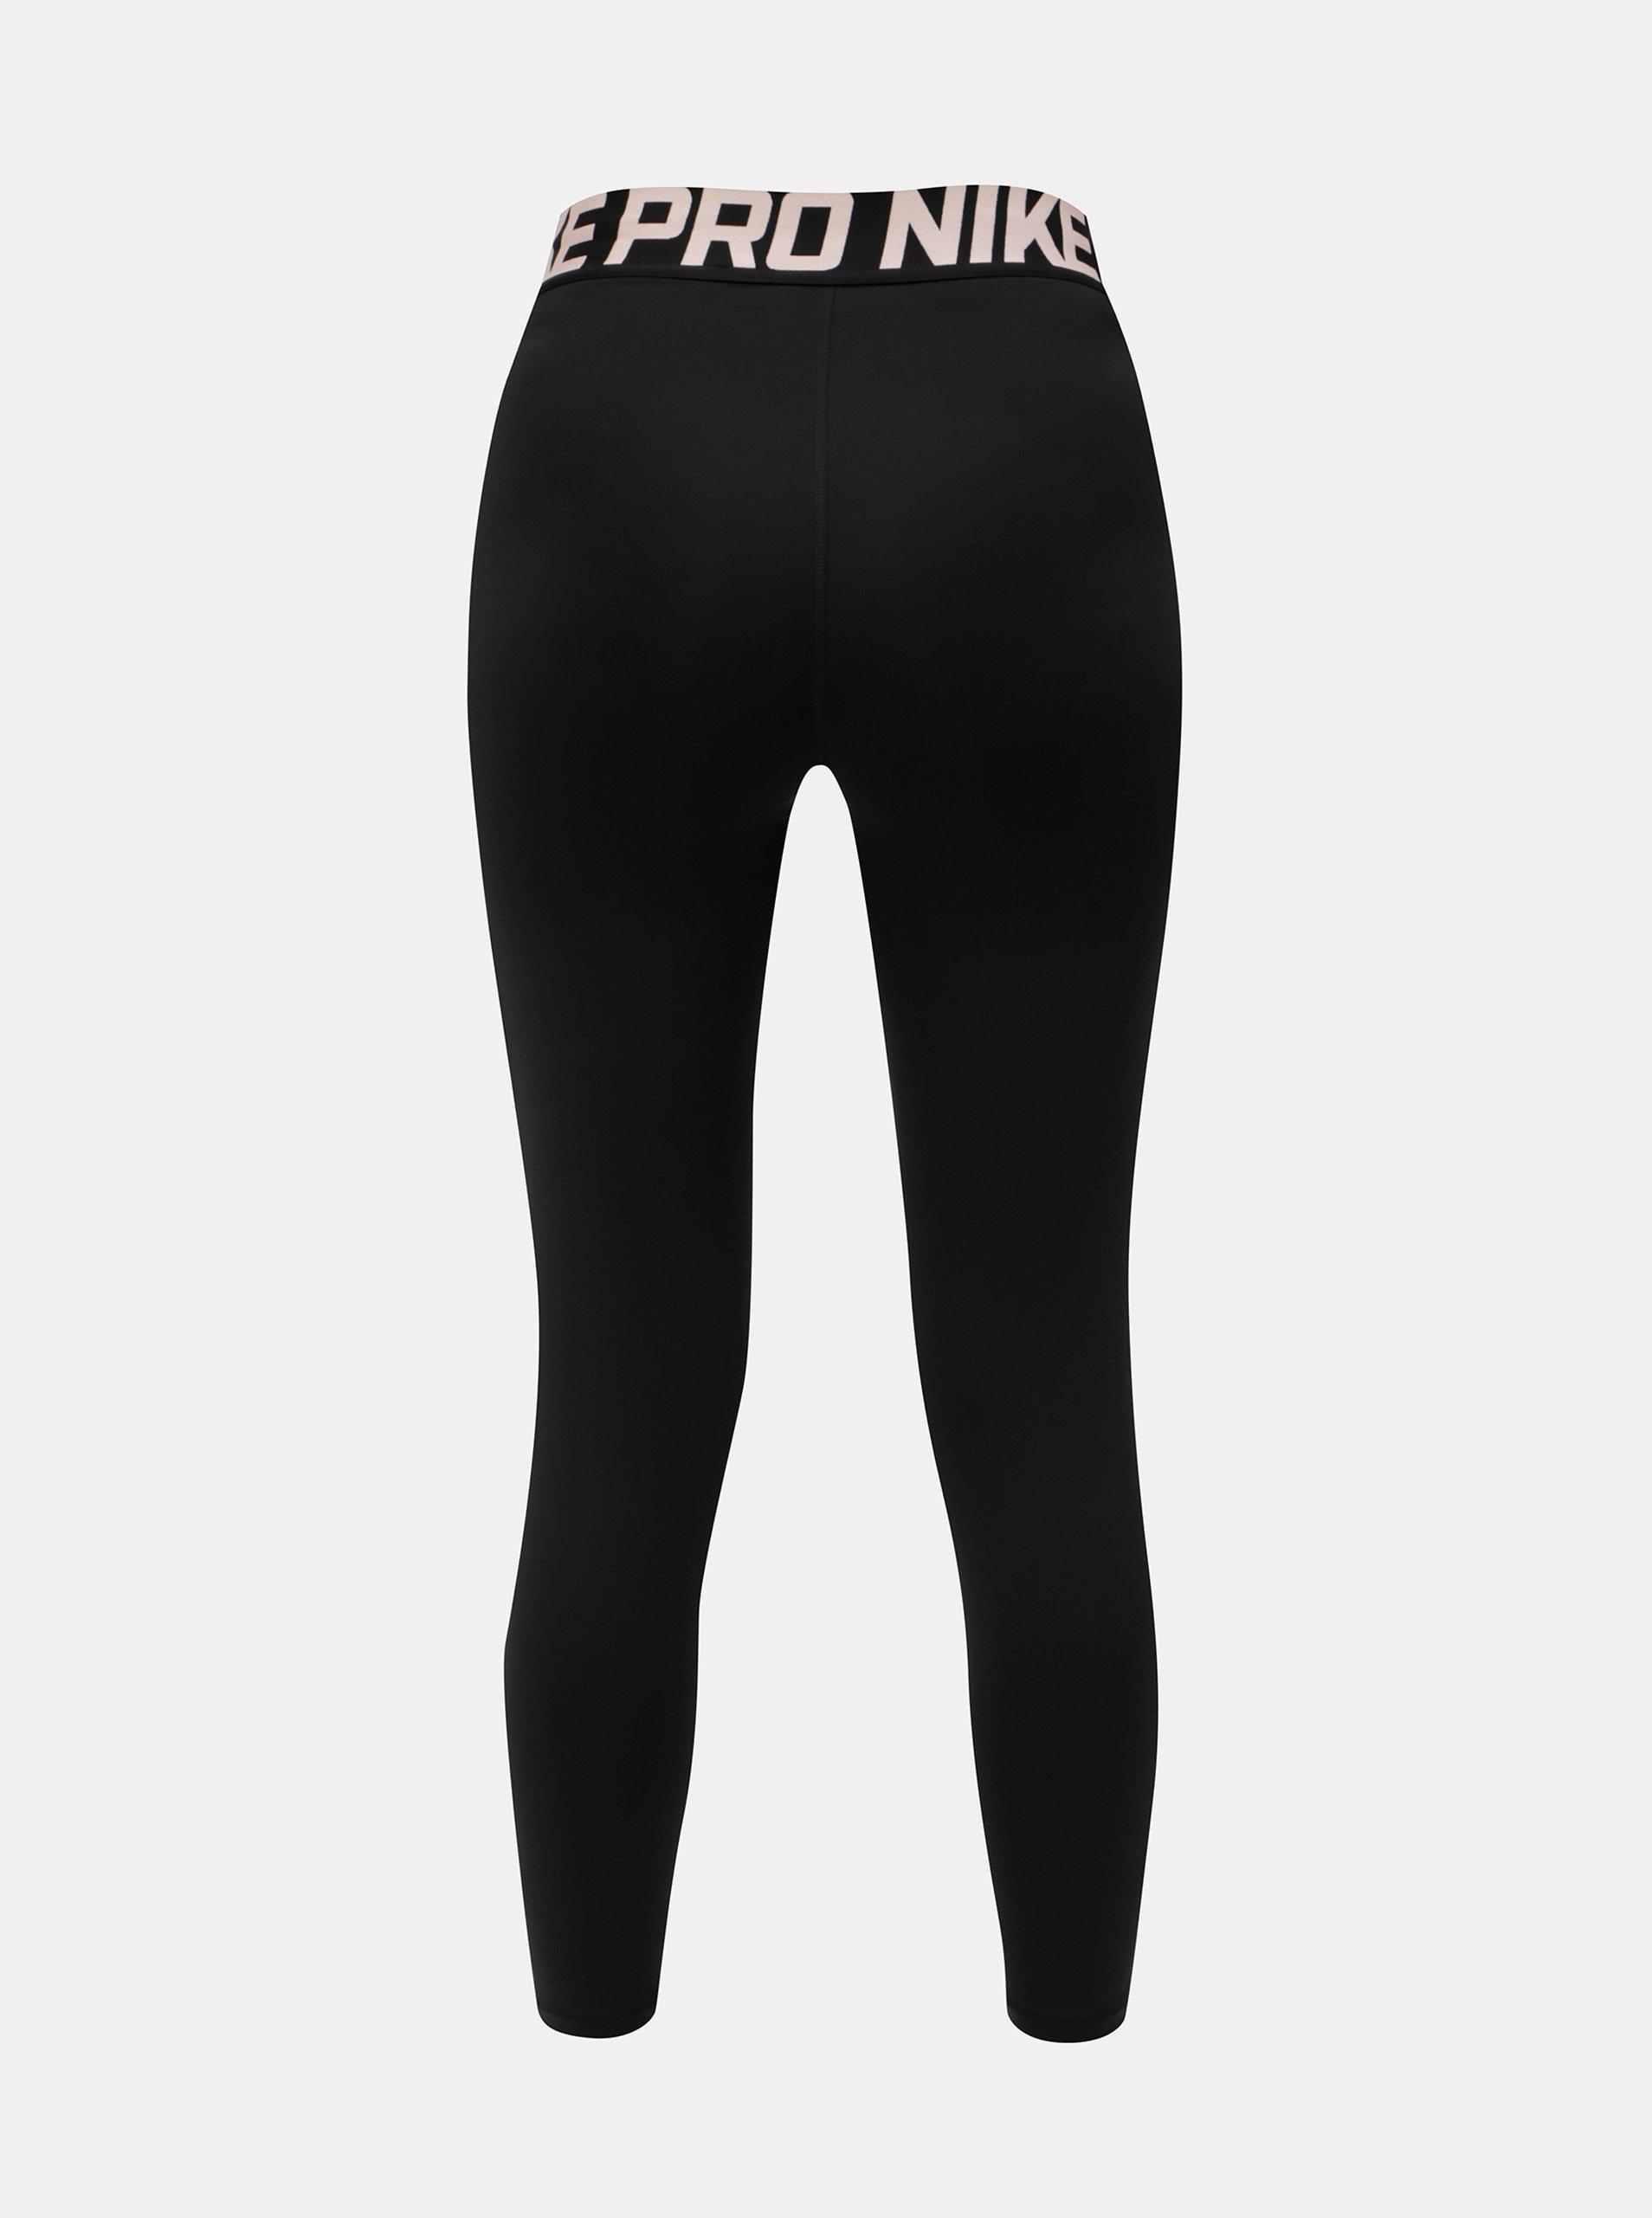 Černé dámské funkční legíny s pružnou gumou v pase Nike Intertwist ... 9028f93d98